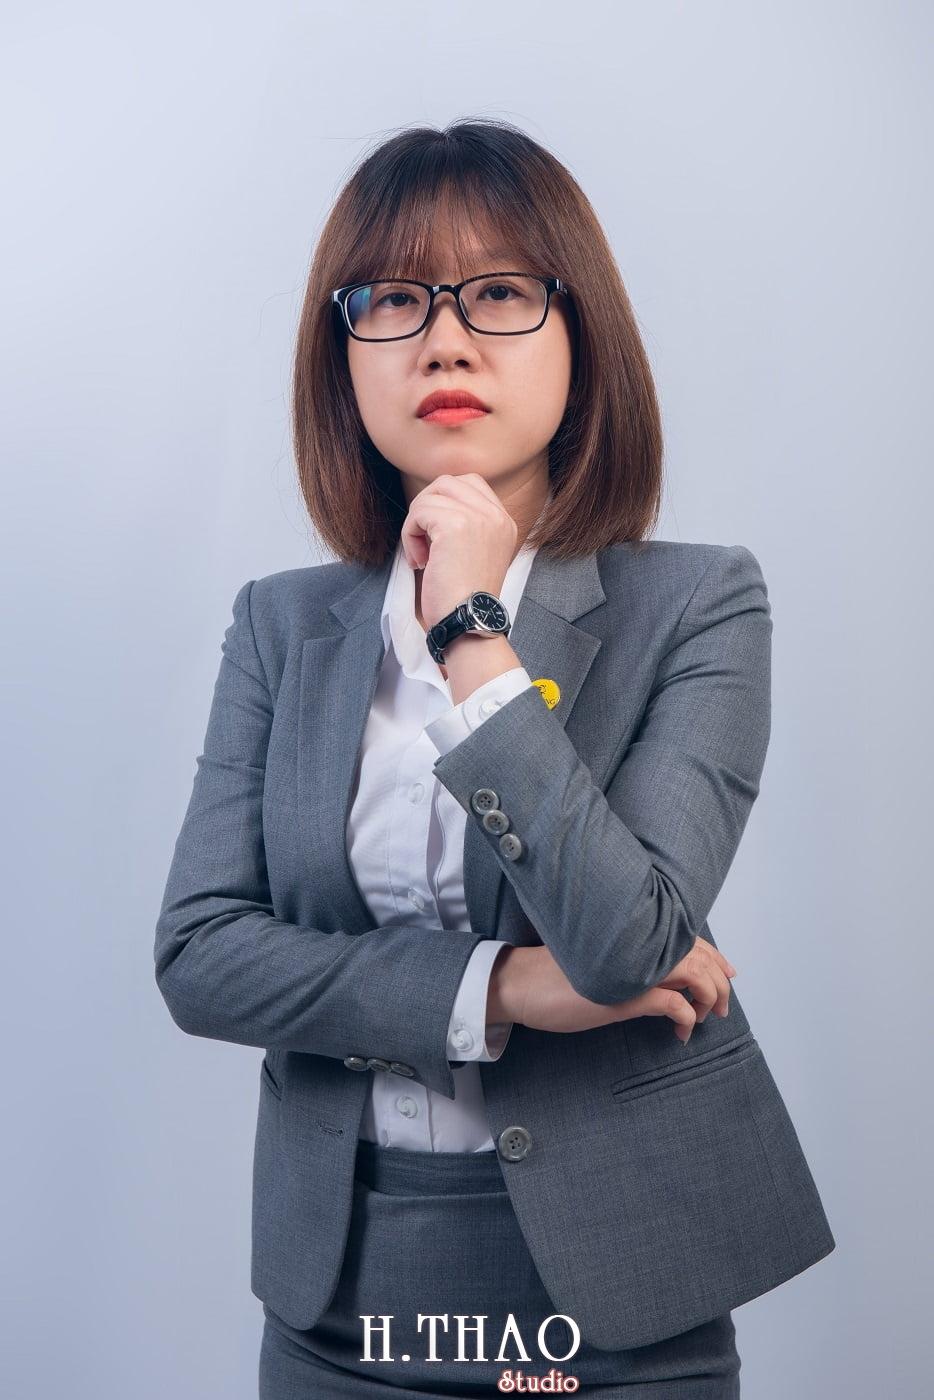 Phu Hung Land 11 - Album ảnh profile nhân sự công ty Phu Hung Land – HThao Studio